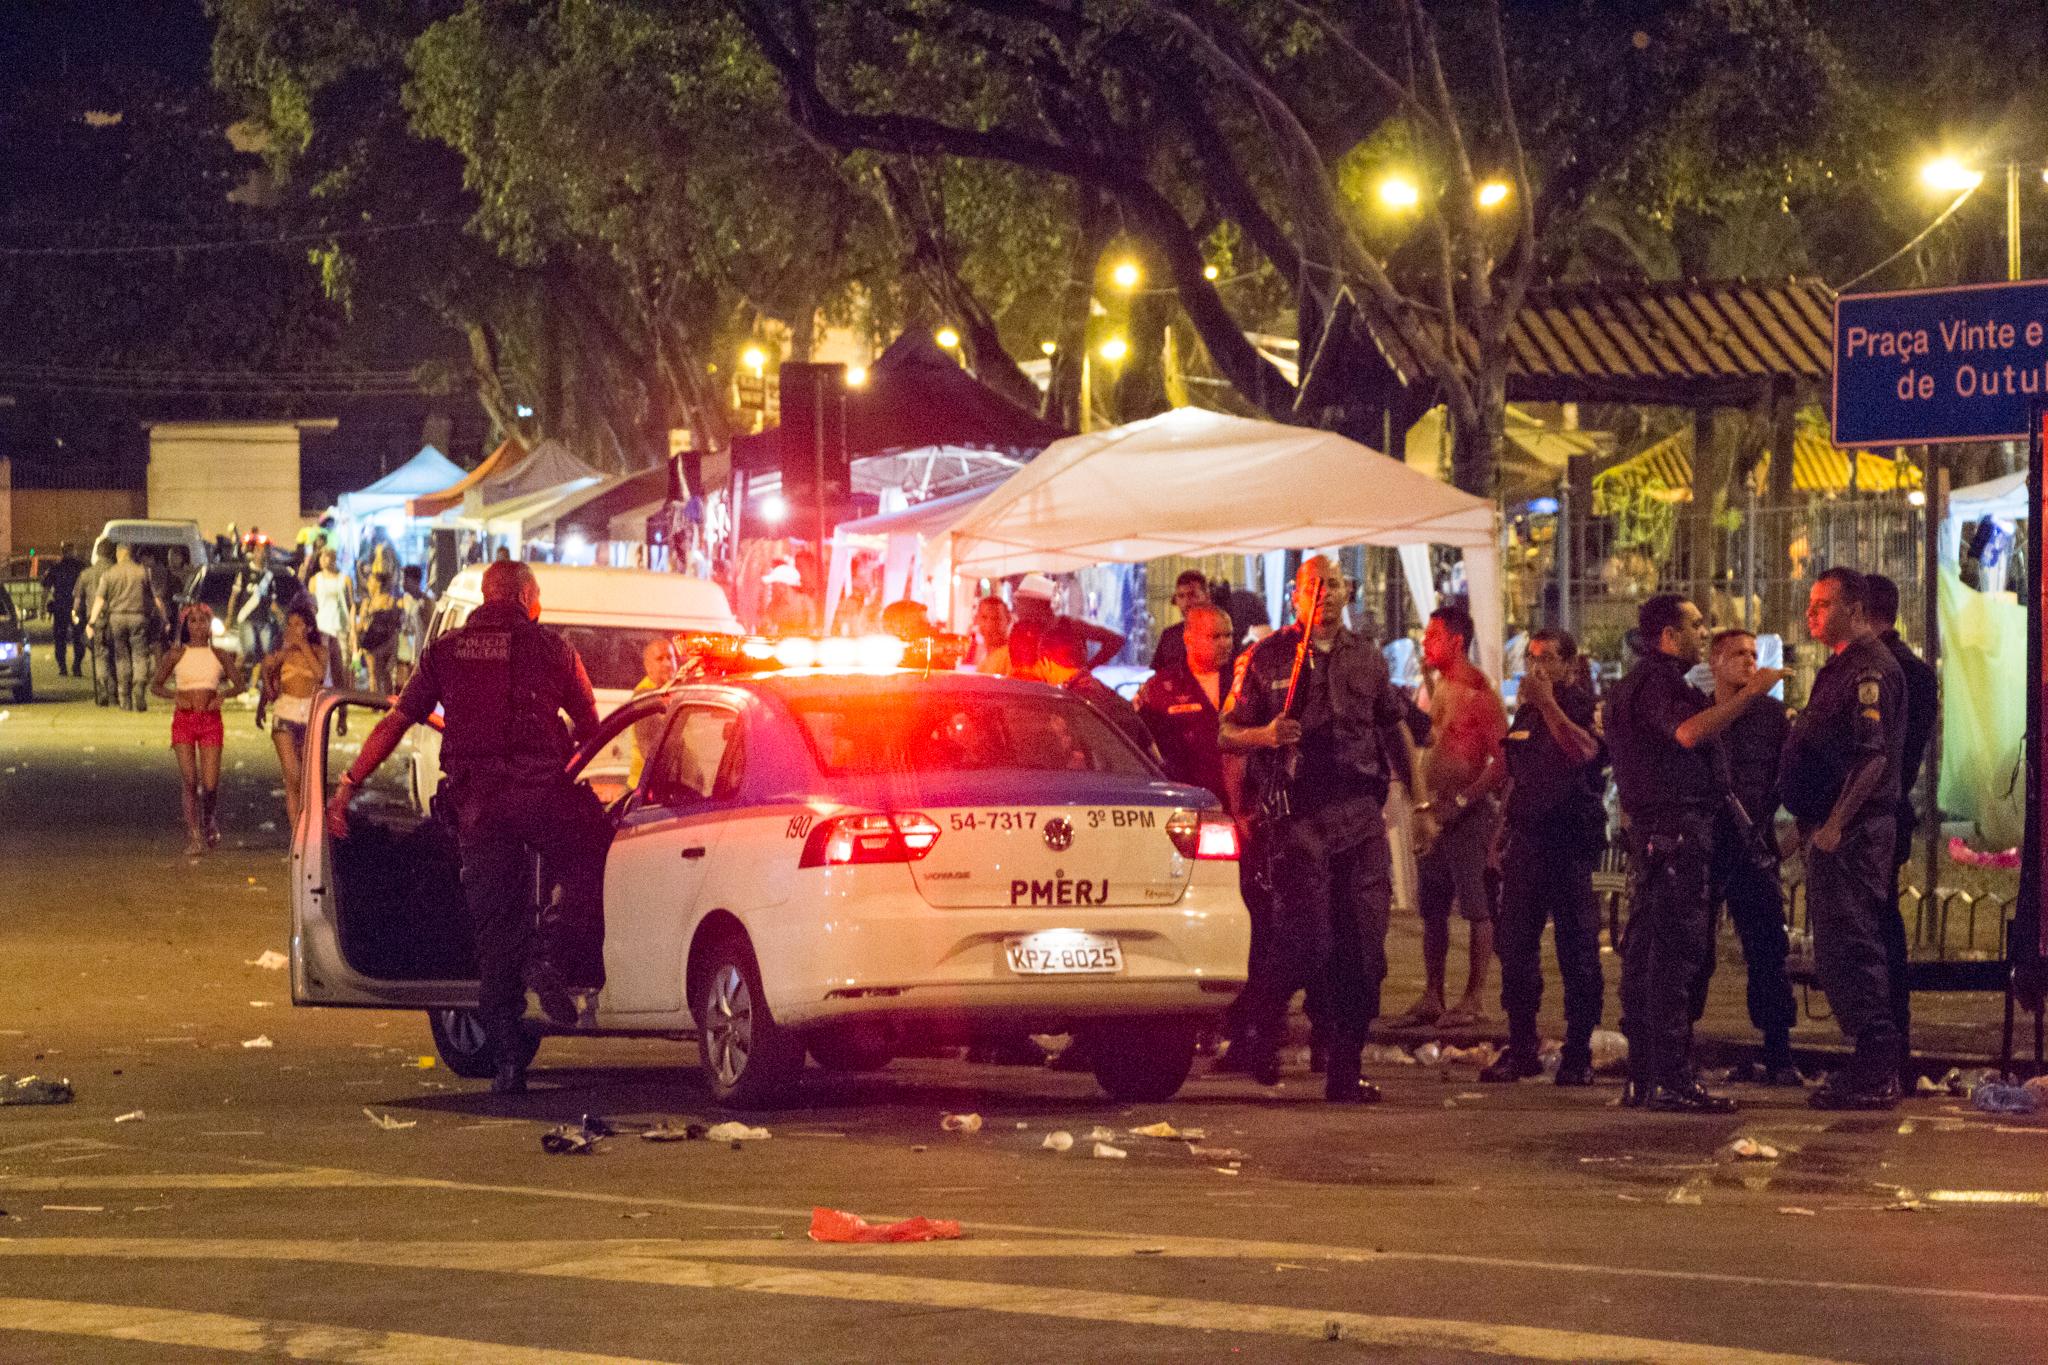 Confusão fecha última noite de carnaval no Complexo do Alemão